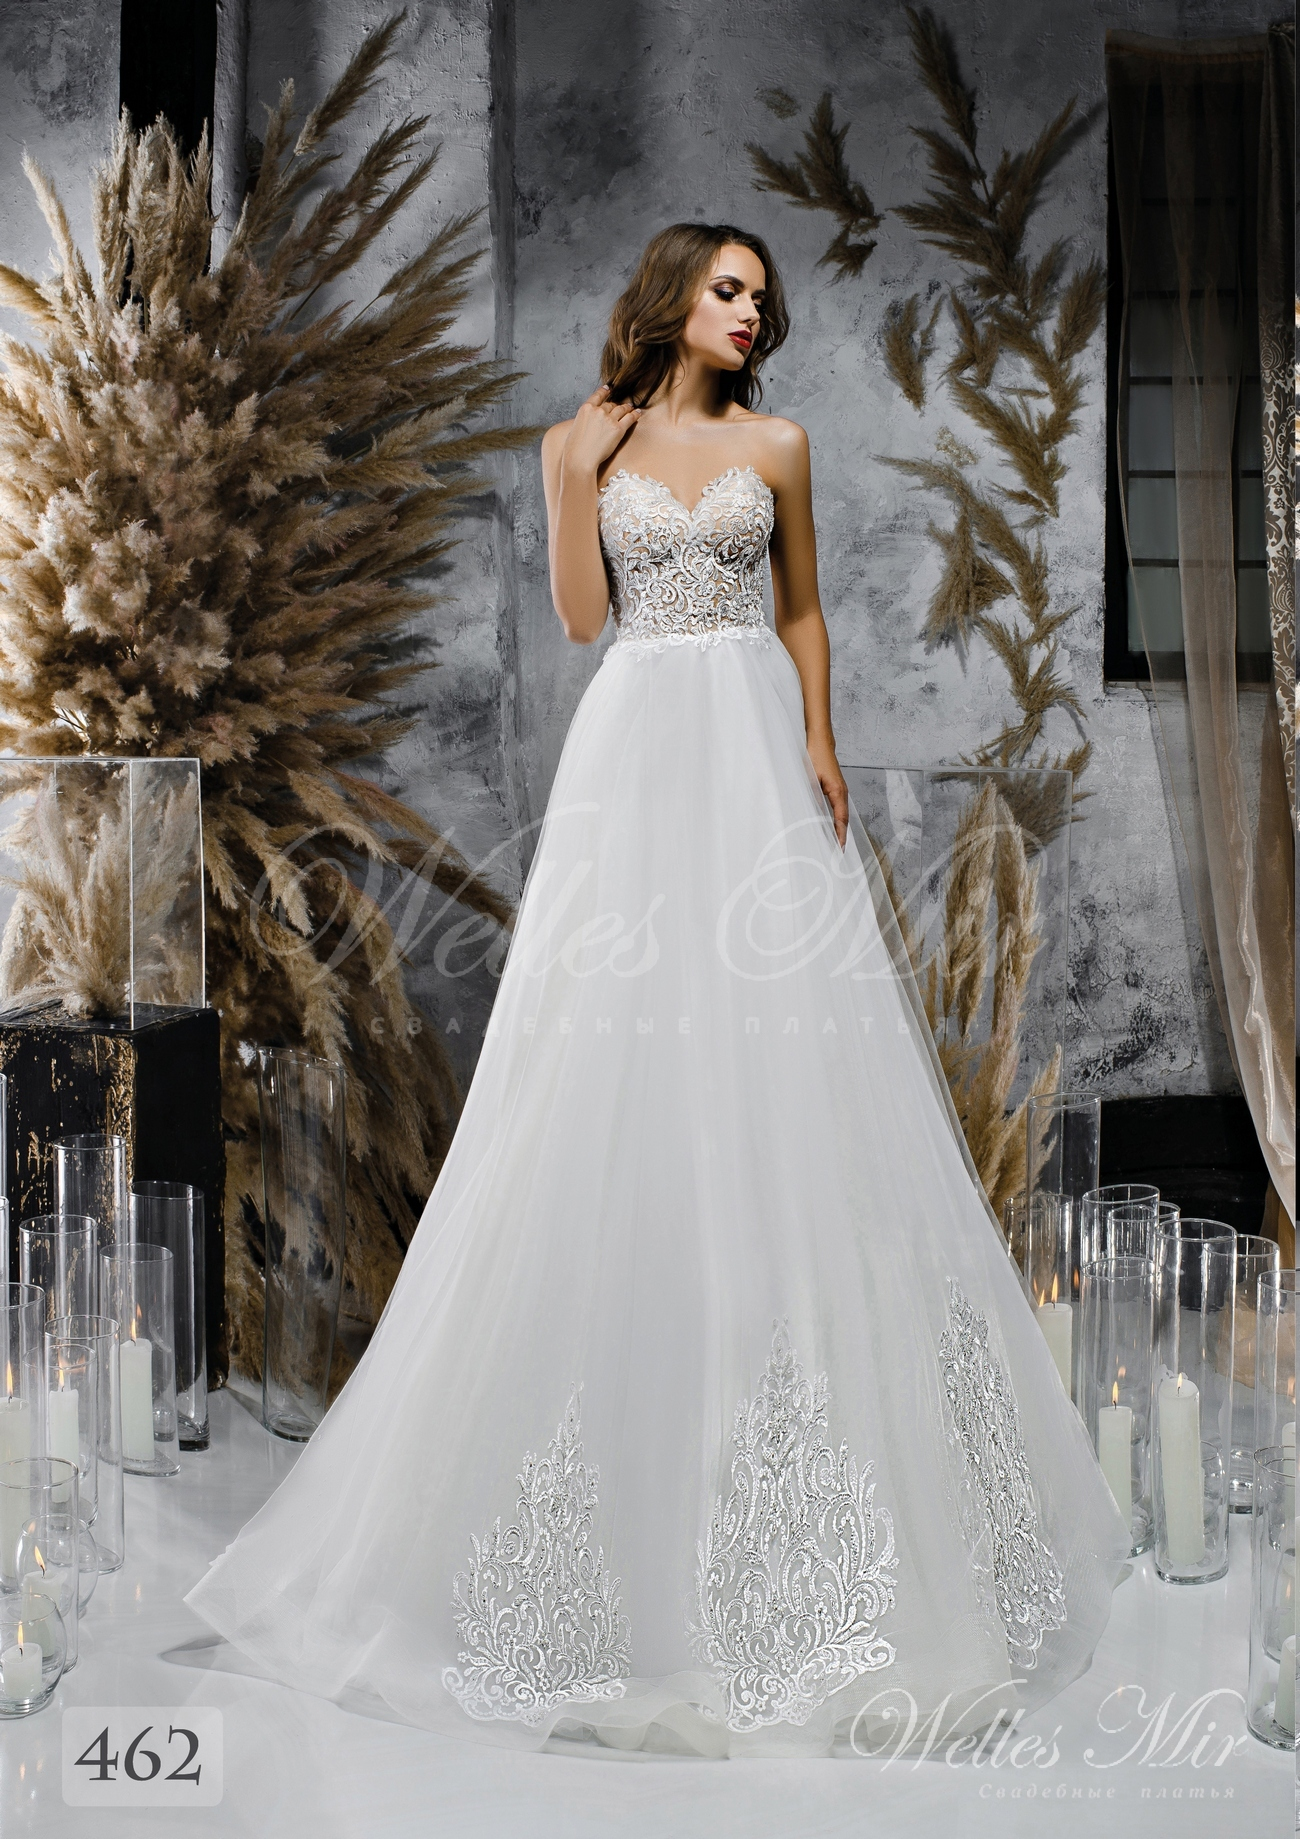 Свадебные платья Unique Perfection 2018 - 462